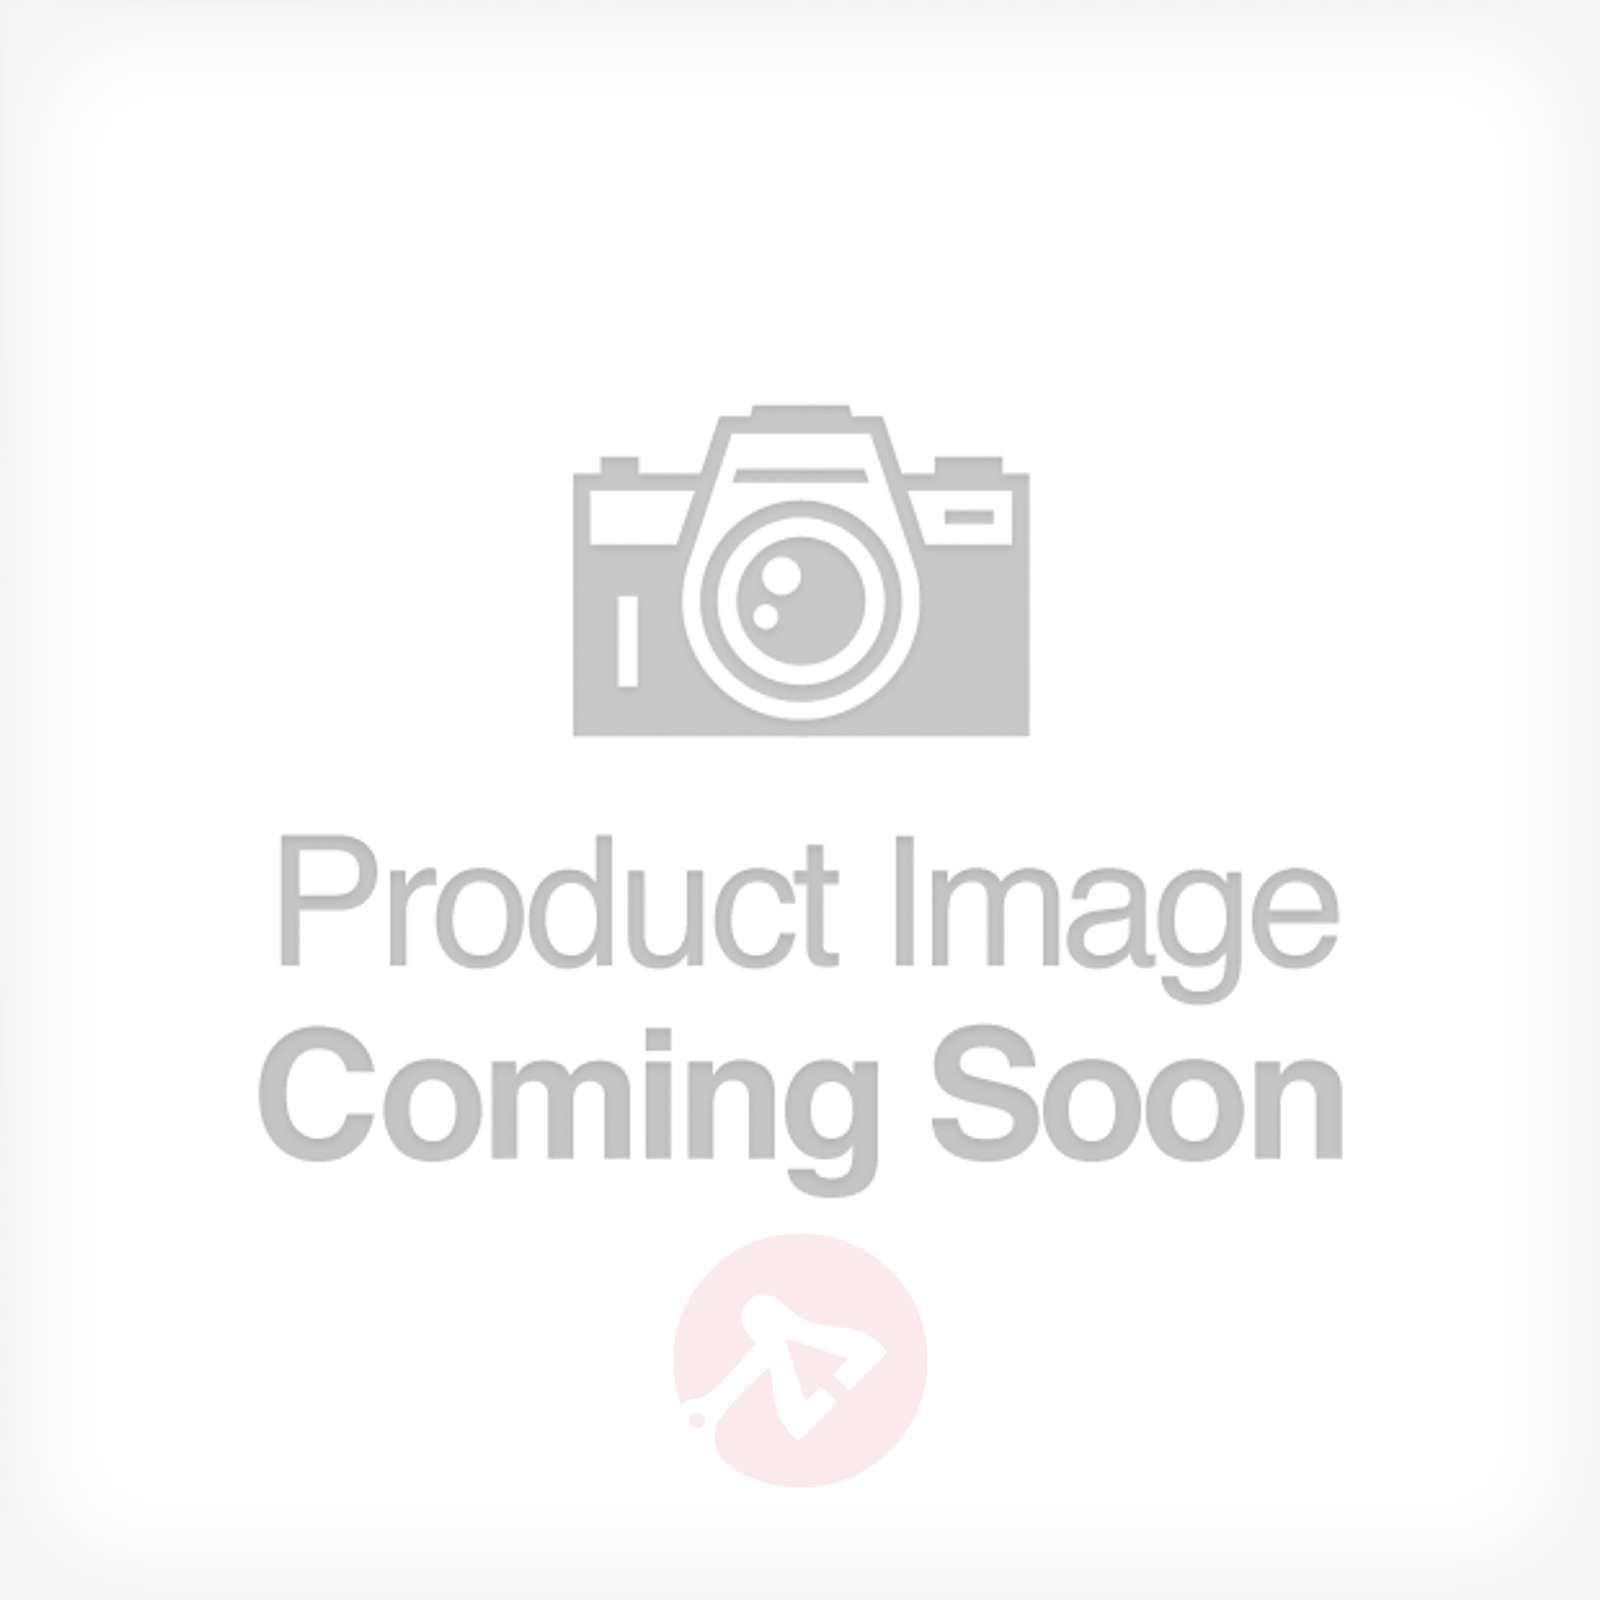 Pyöreä SHINING POT-ruukku, korkeus 68 cm-1004022-01